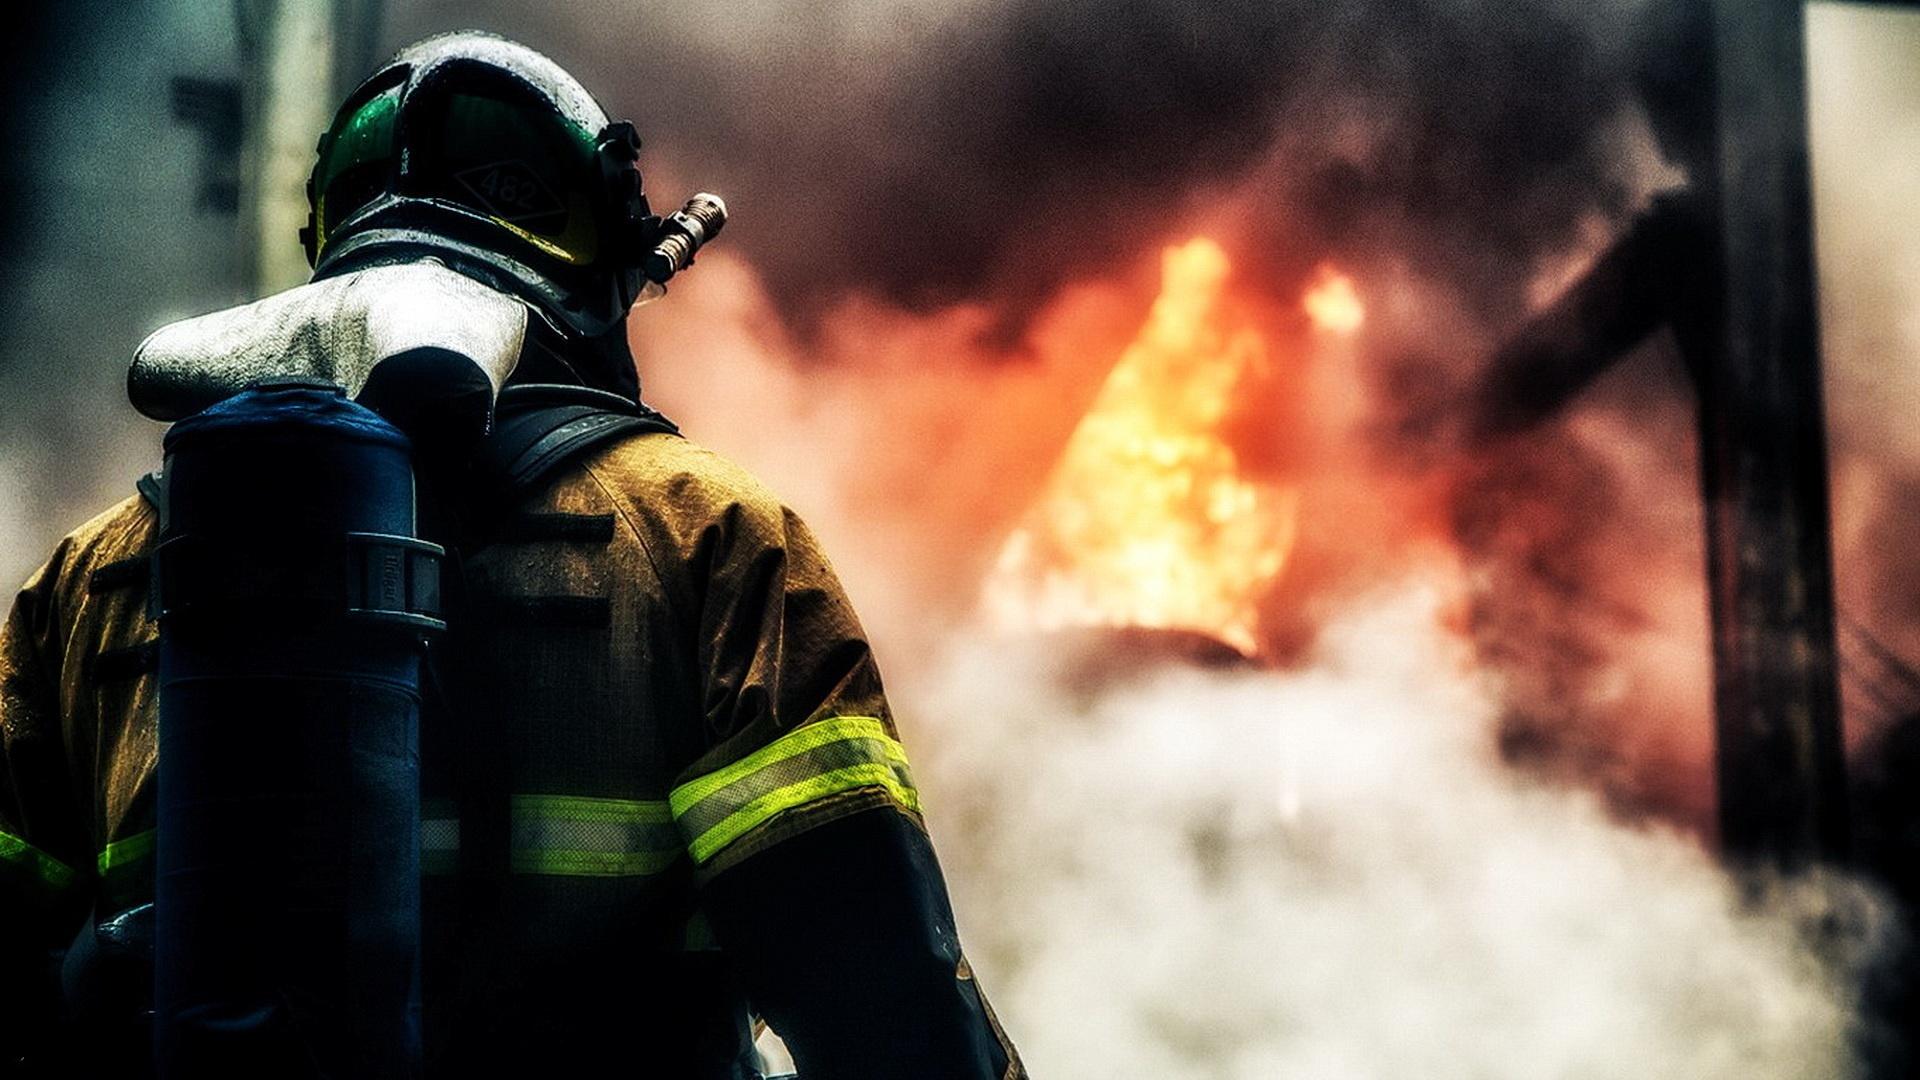 Пожарная охрана красивые картинки, телефон хорошем